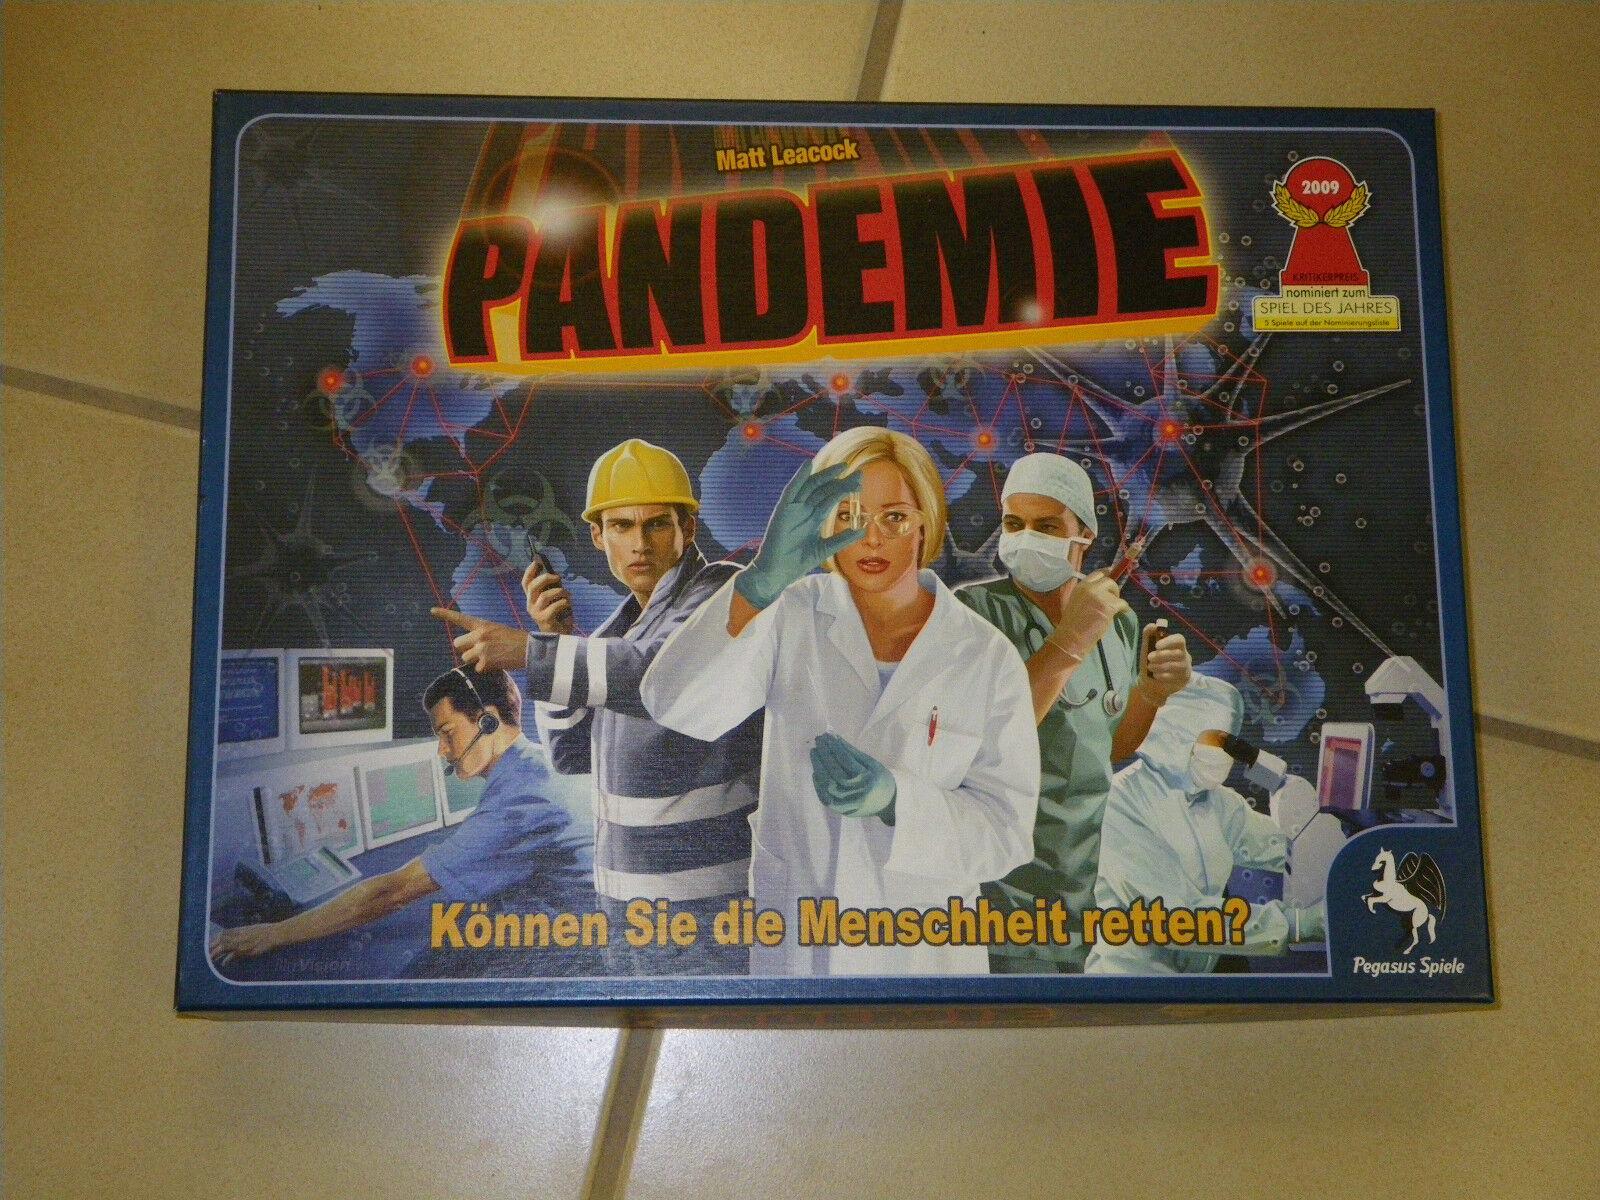 Pandemie Können Sie die Menschheit retten nominiert Spiel des Jahres 2009